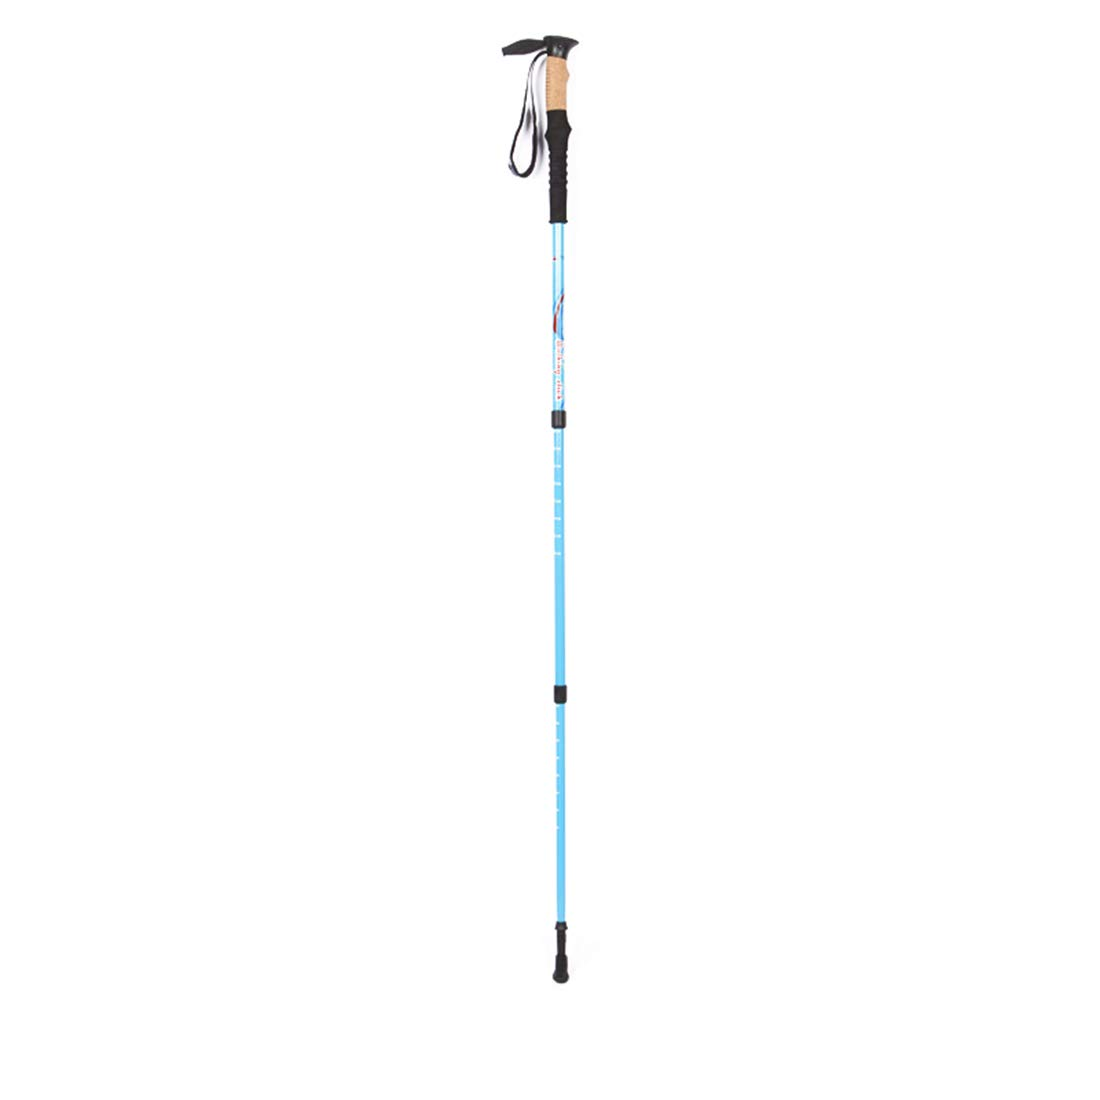 Igspfbjn Trekking Pole Cane Offroad Folding Outdoor Ultraleichte Aluminiumlegierung Straight Shank Spazierstock Tragbare Wanderung Dreiteilige Teleskopverstellbare Wanderstange Geeignet für Outdoor-Sp